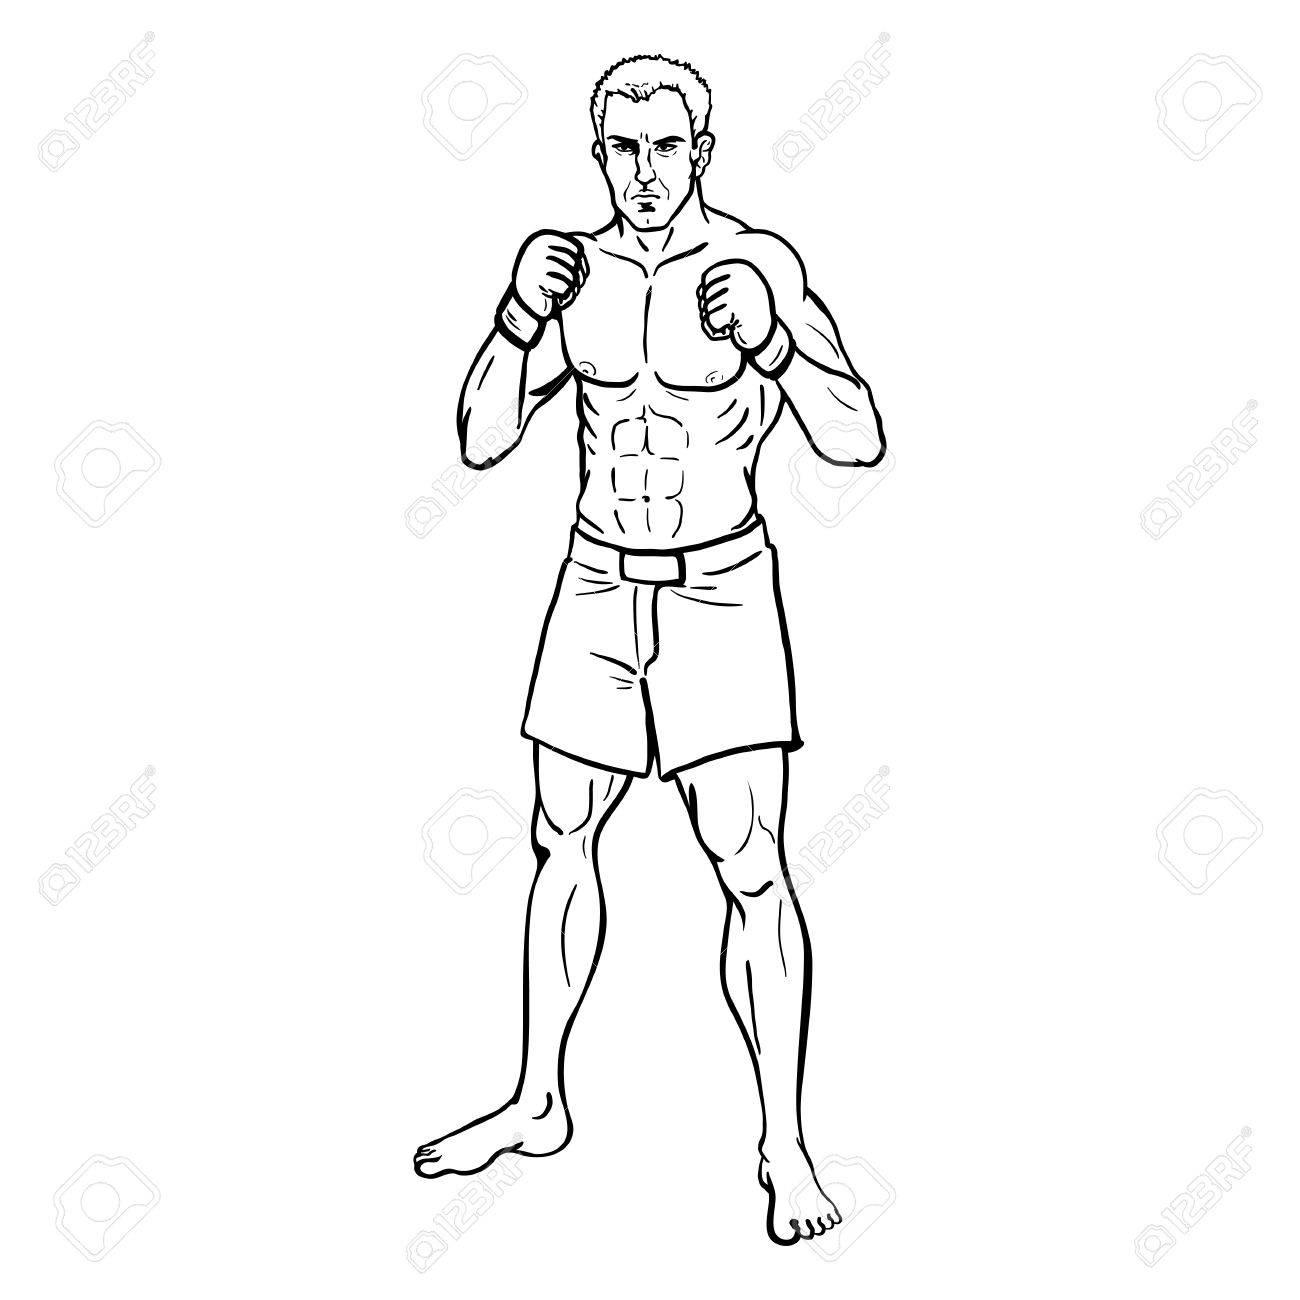 Vector Line Art Illustration Muscular Mma Fighter In Shorts